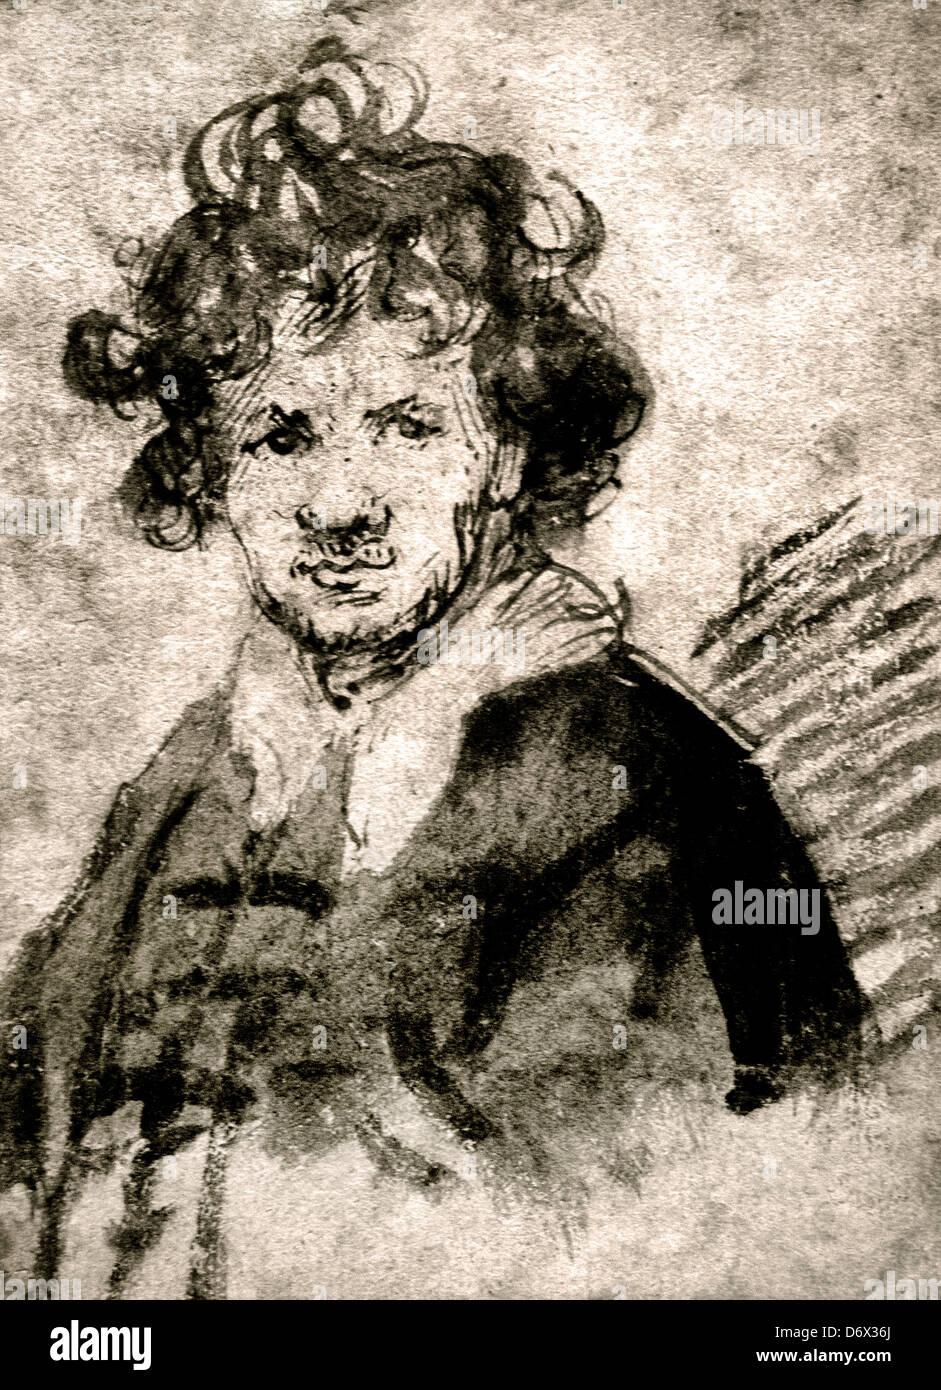 Self Portrait 1628 - 1629 Encre de stylo Rembrandt Harmenszoon van Rijn 1606-1669 Néerlandais Pays-Bas Photo Stock